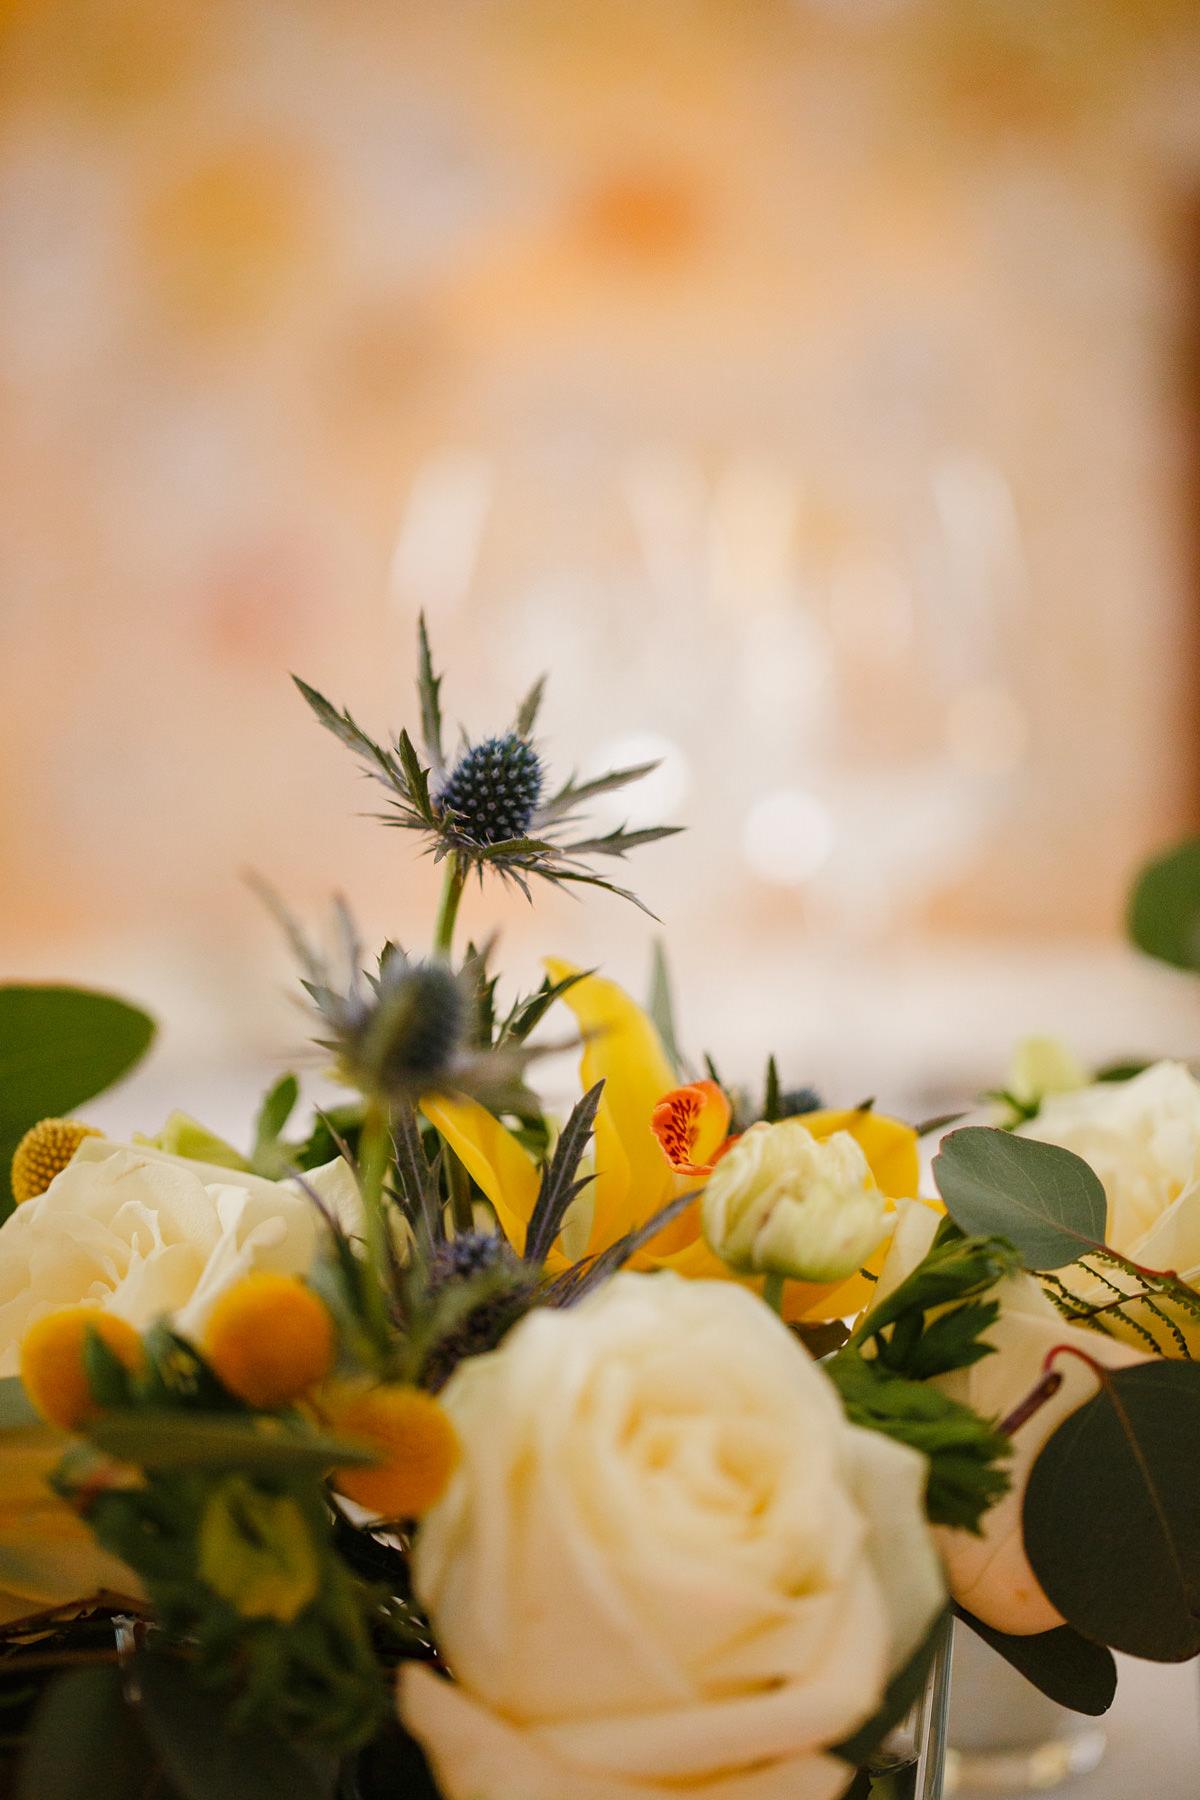 dekoracje weselne zdjecie